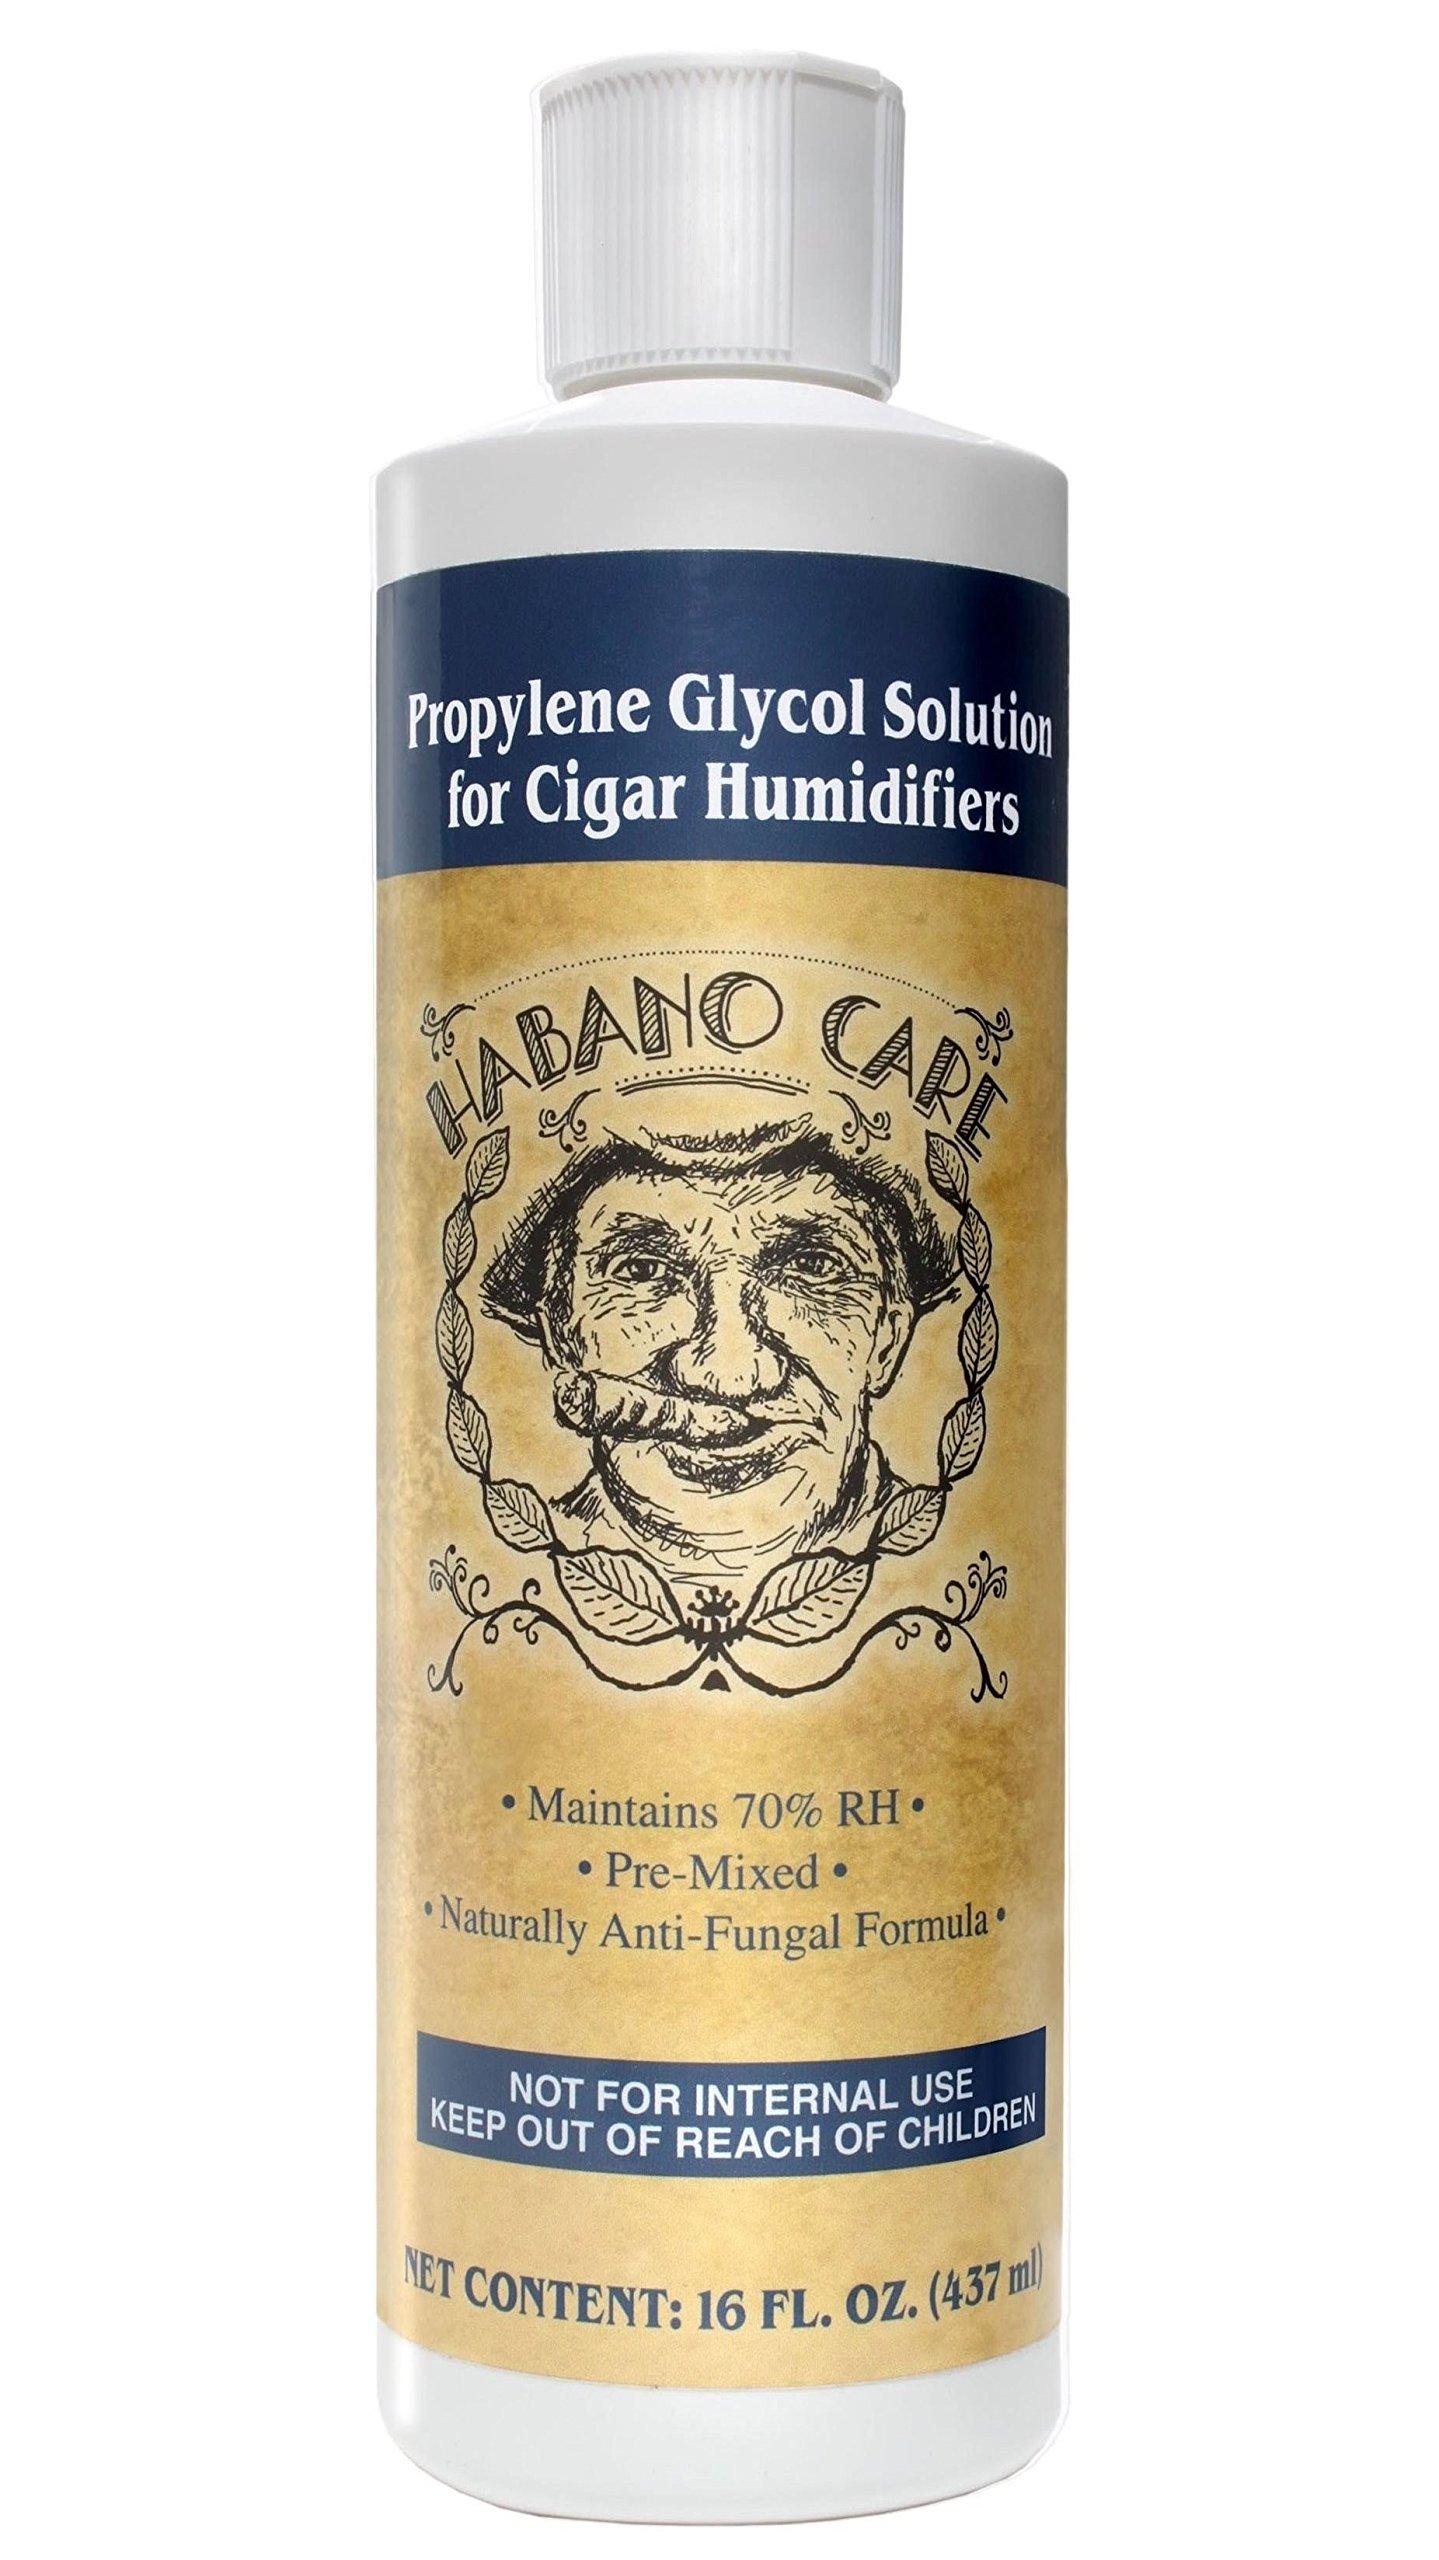 Habano Care - Cigar Humidor Solution 16 oz Cigars Humidifier Humidification Pre-Mixed 50/50 Propylene Glycol